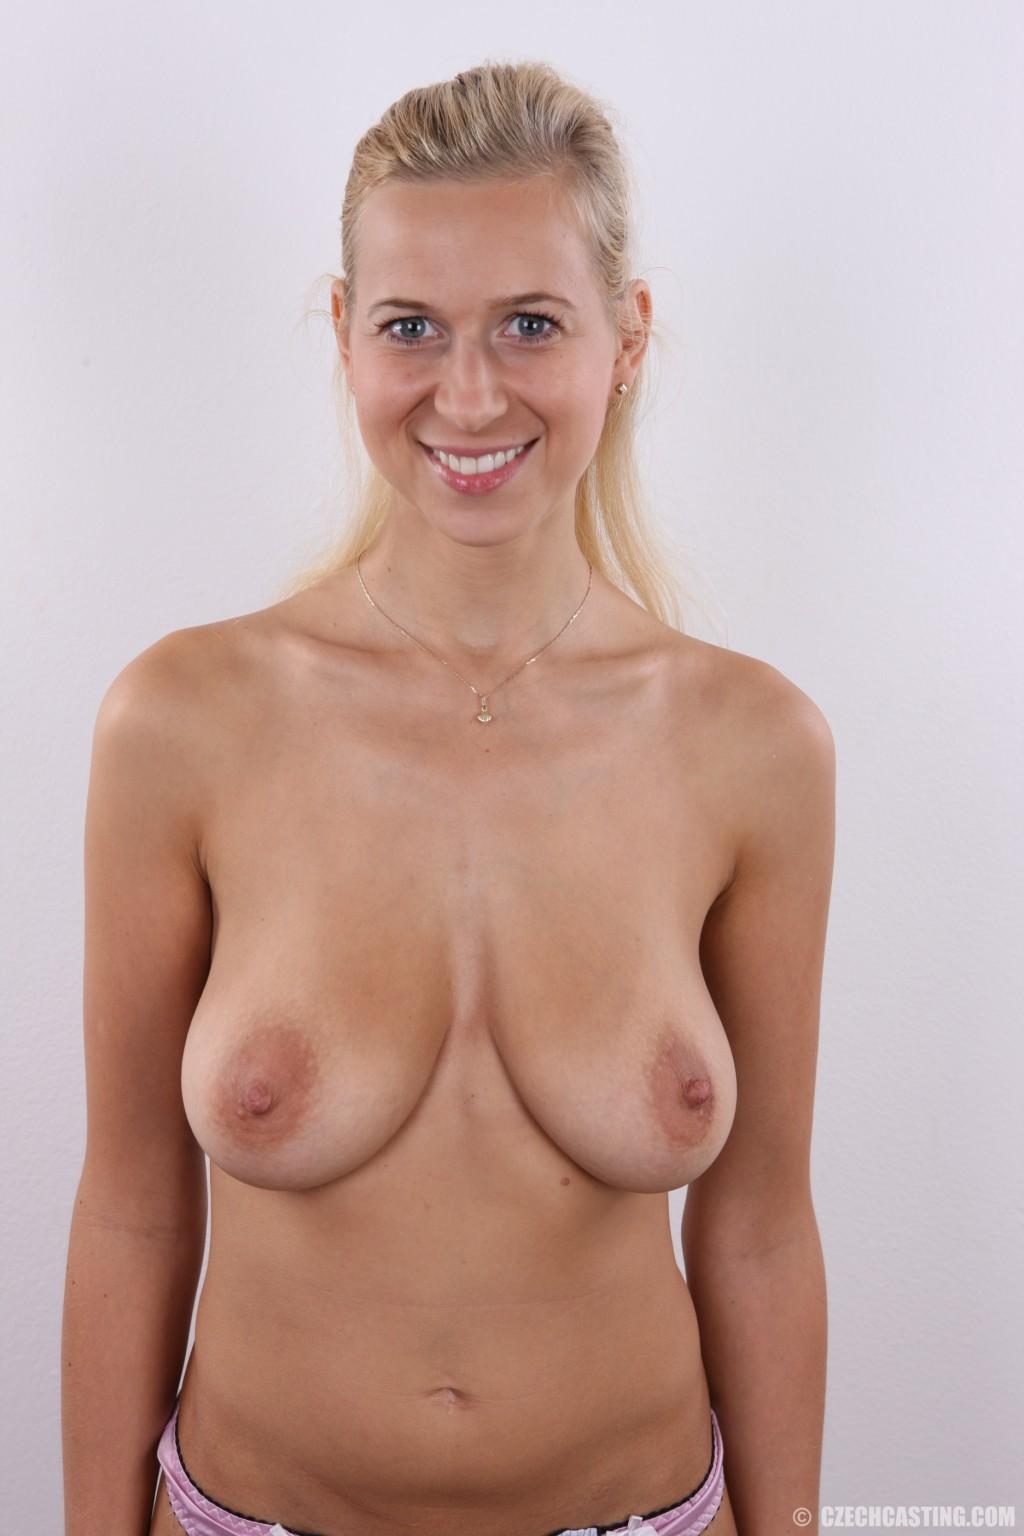 Alessandra villegas nude